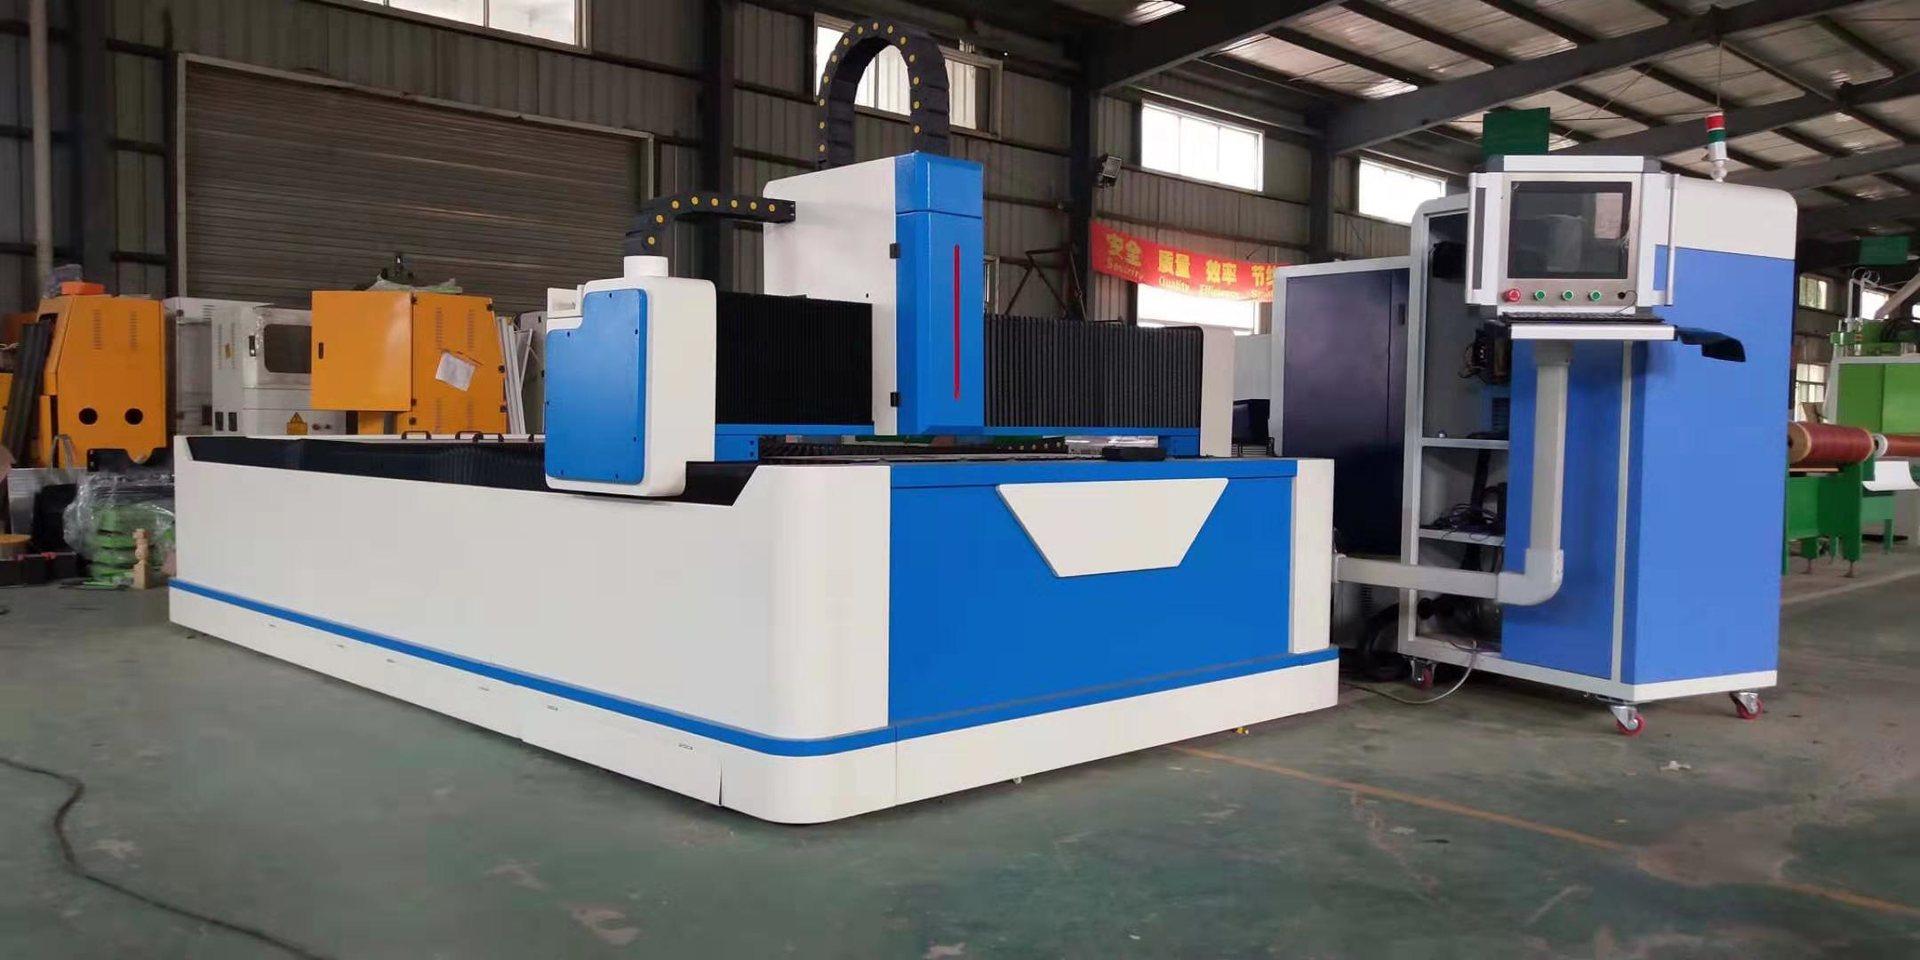 Sheet Metal Fiber Laser Cutting Machine at Affordable Price